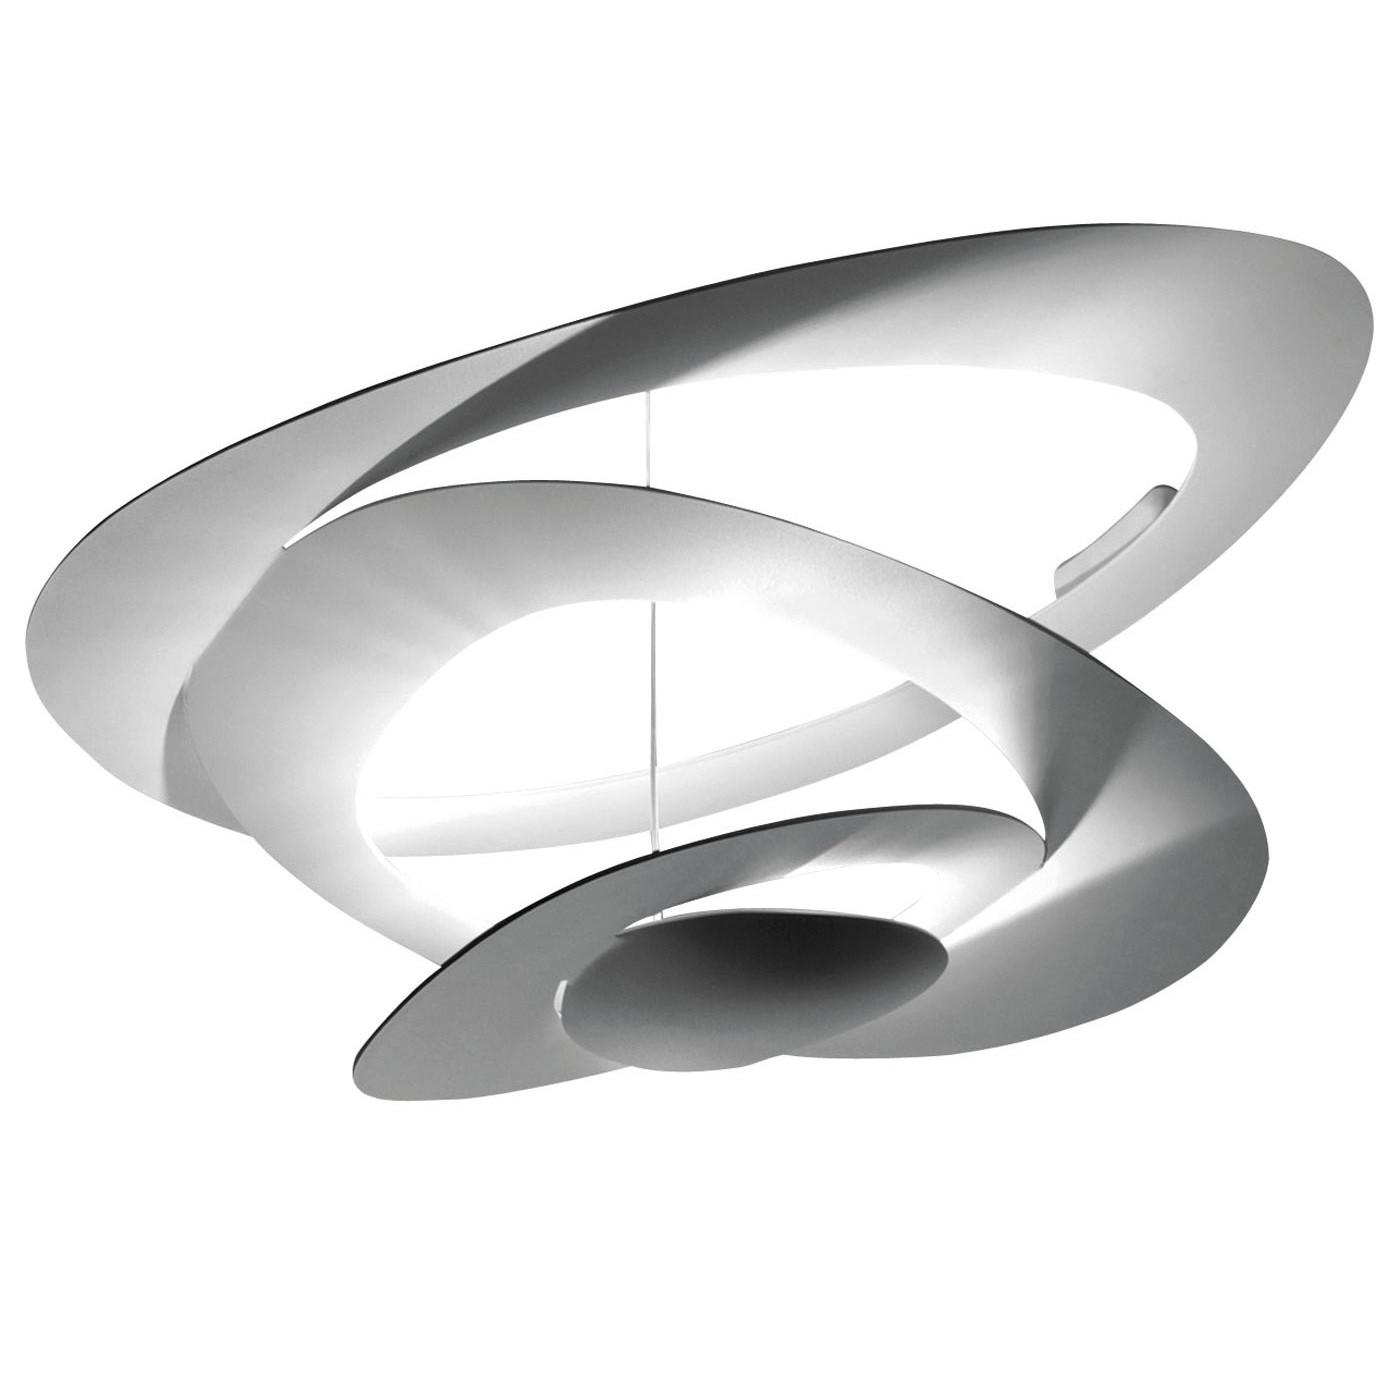 Artemide Pirce Soffitto LED